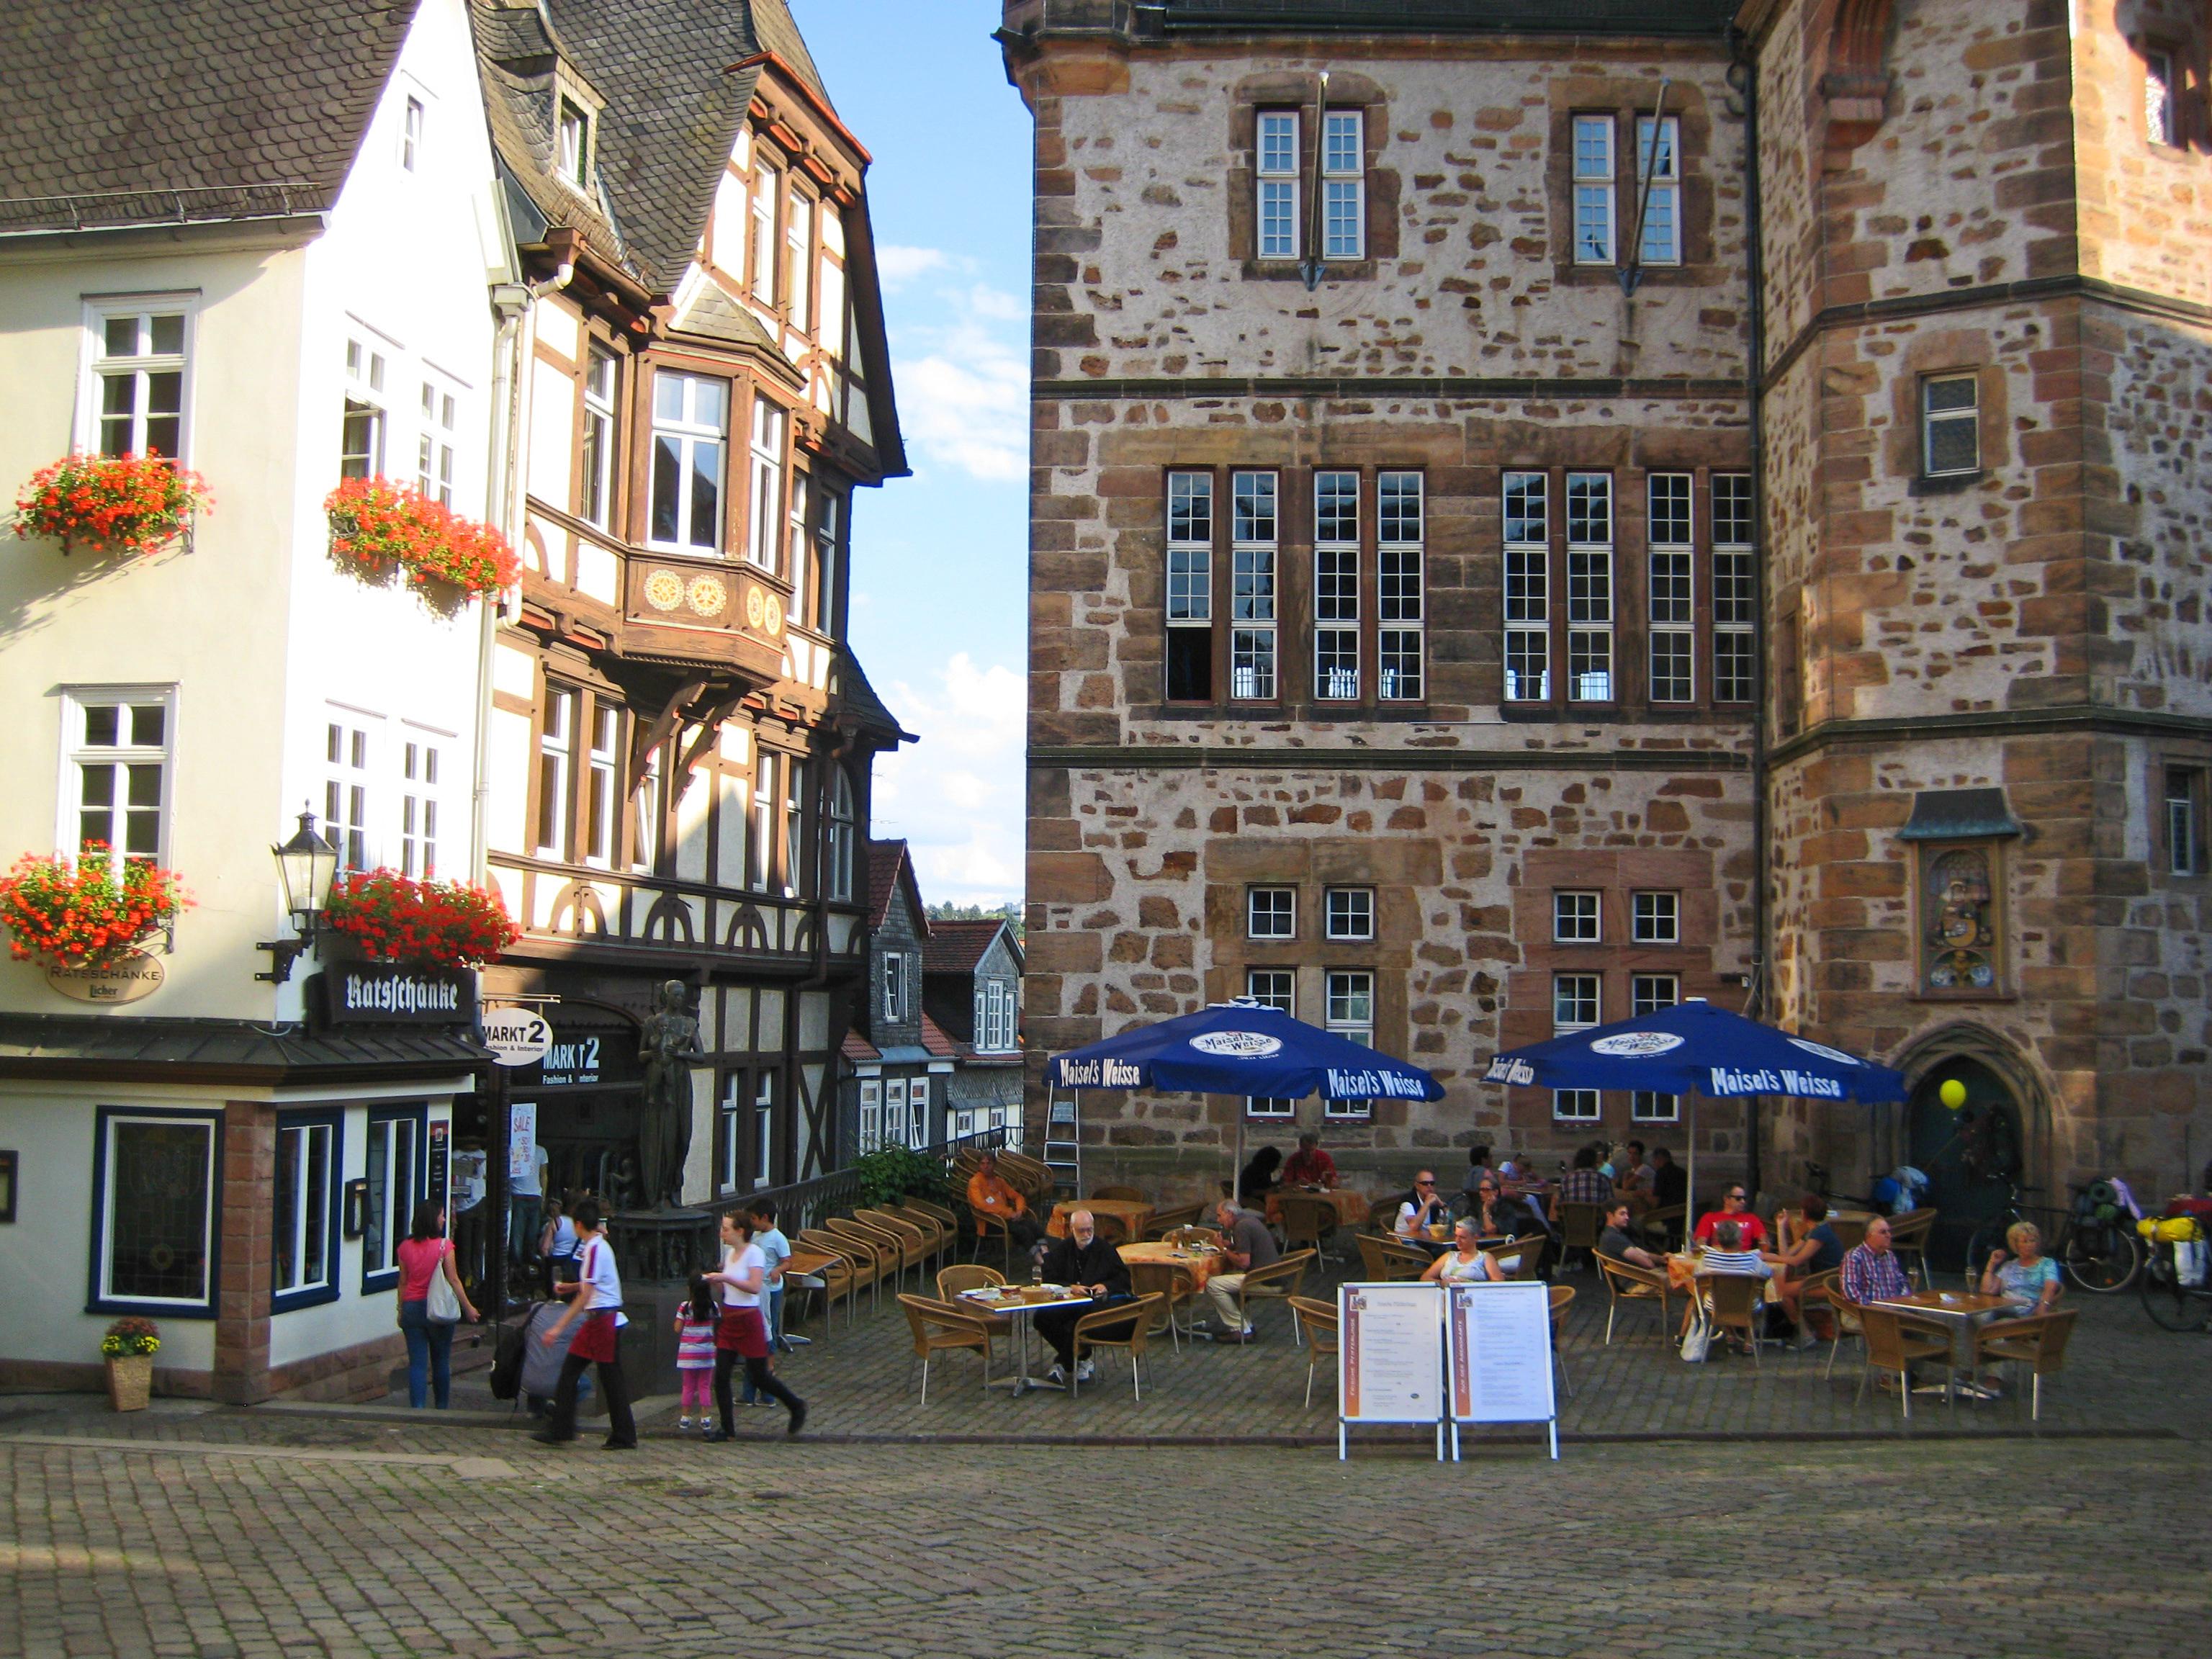 File:Marburg-Rathaus und Ratsschänke (2013).jpg - Wikimedia Commons